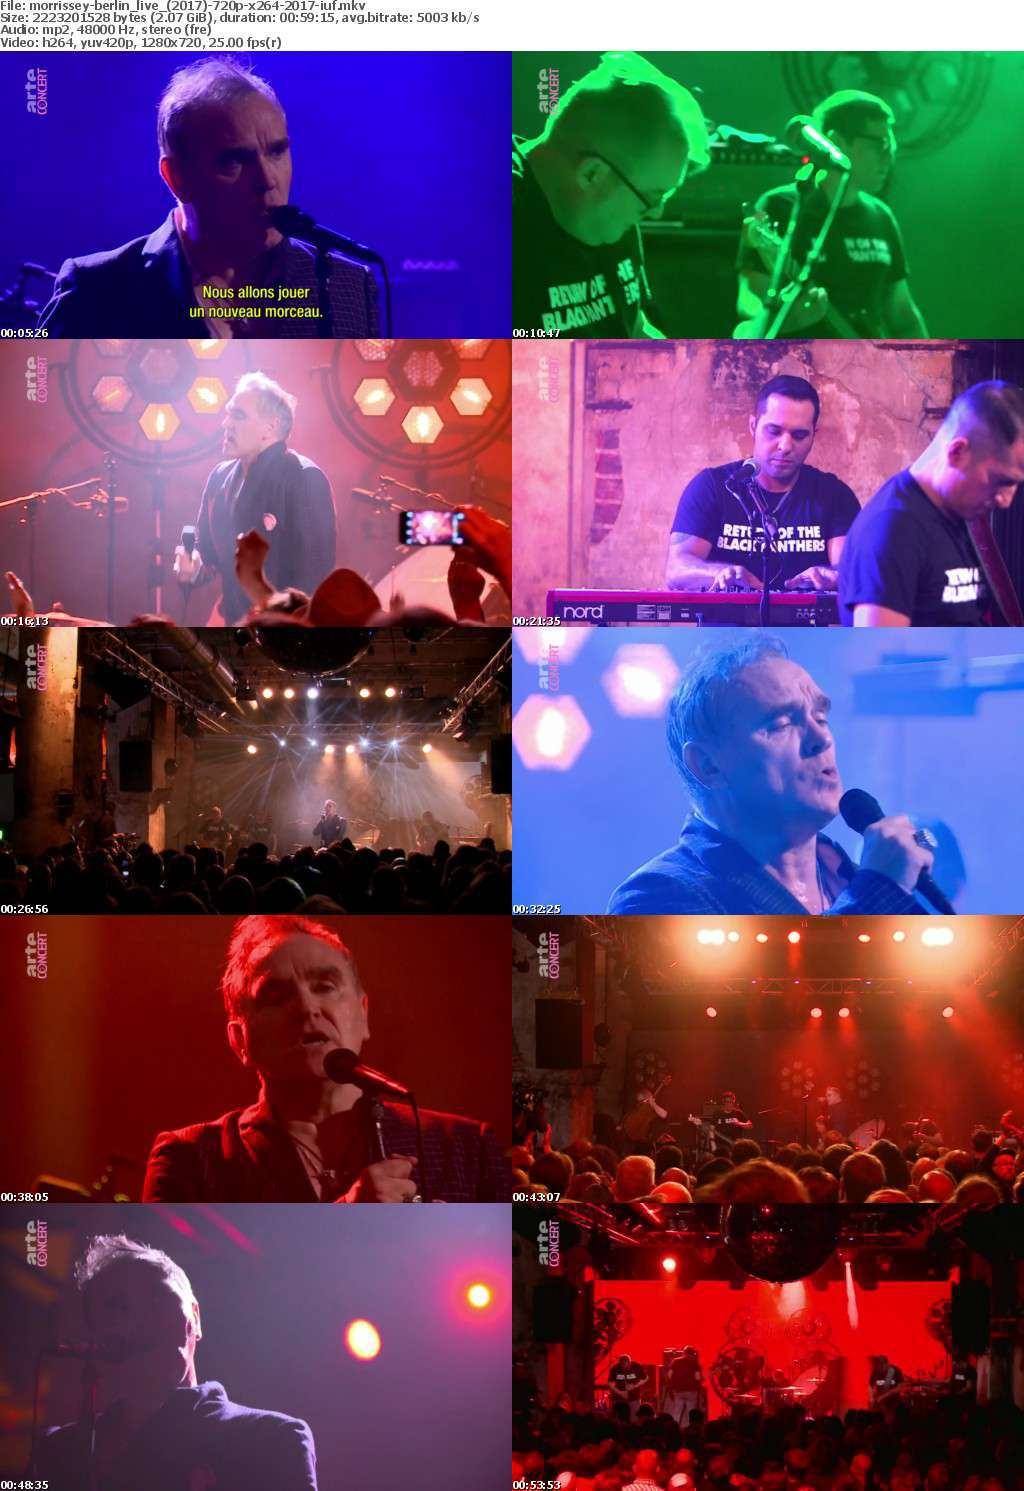 Morrissey-Berlin Live (2017)-720p-x264-2017-iUF